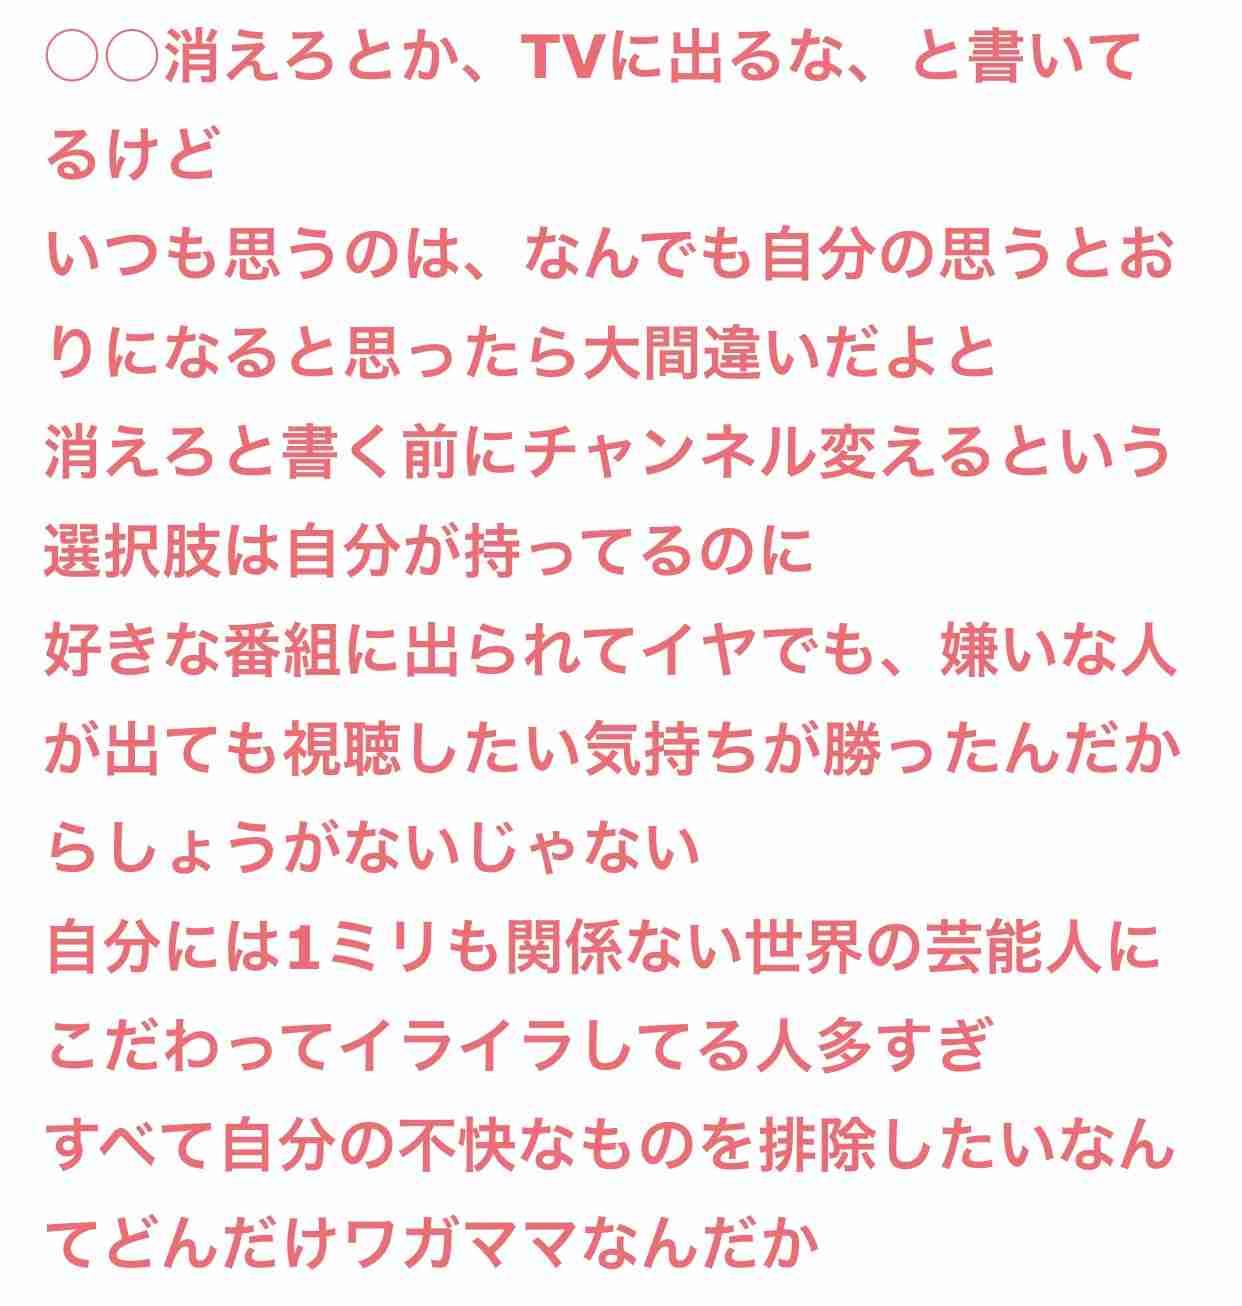 堀北真希「元カレと旦那」が共演!嵐・櫻井翔と山本耕史に「怖すぎる」「番組は配慮すべき」